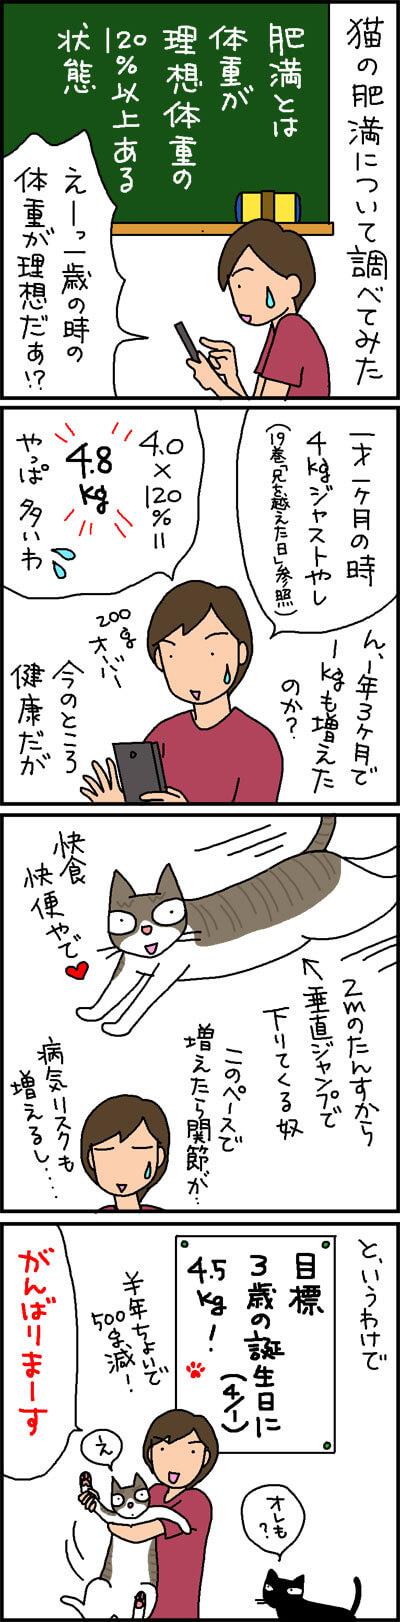 猫のダイエット適正体重を求める4コマ猫漫画